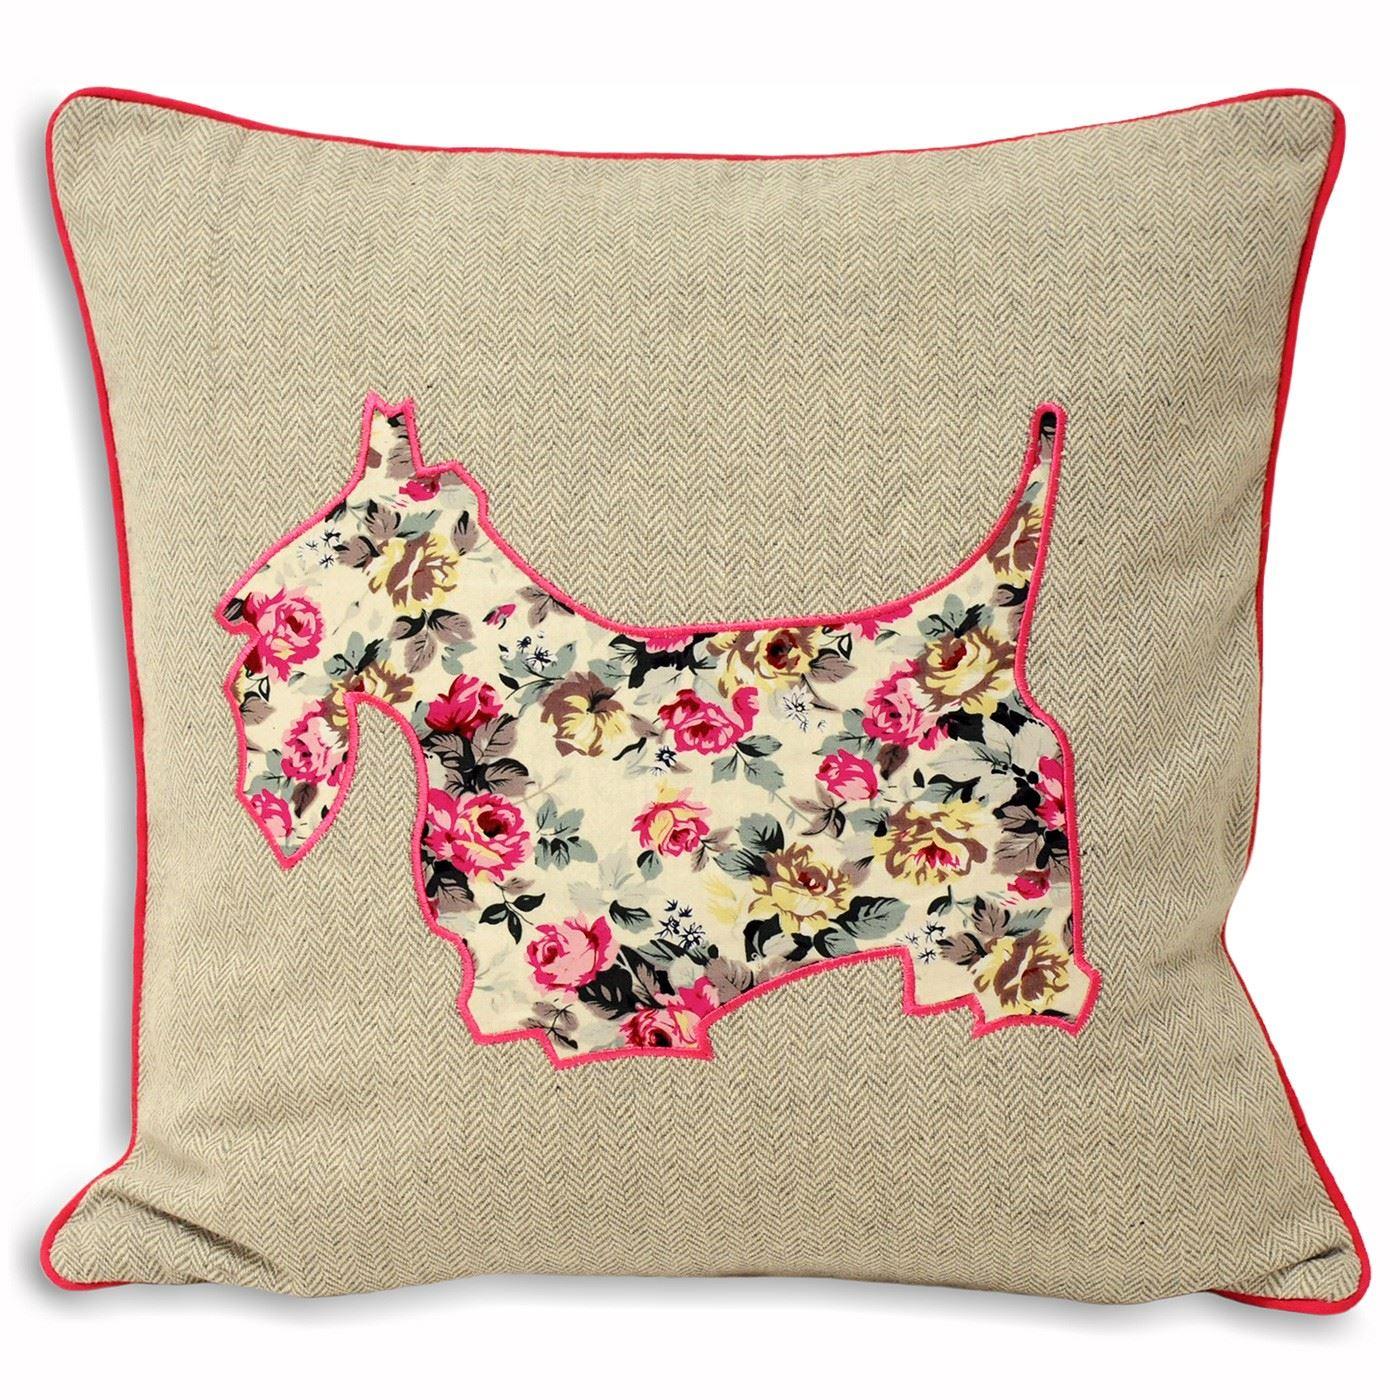 Modern scatter cushion cover contemporary cushion case for Case da sogno a buon mercato